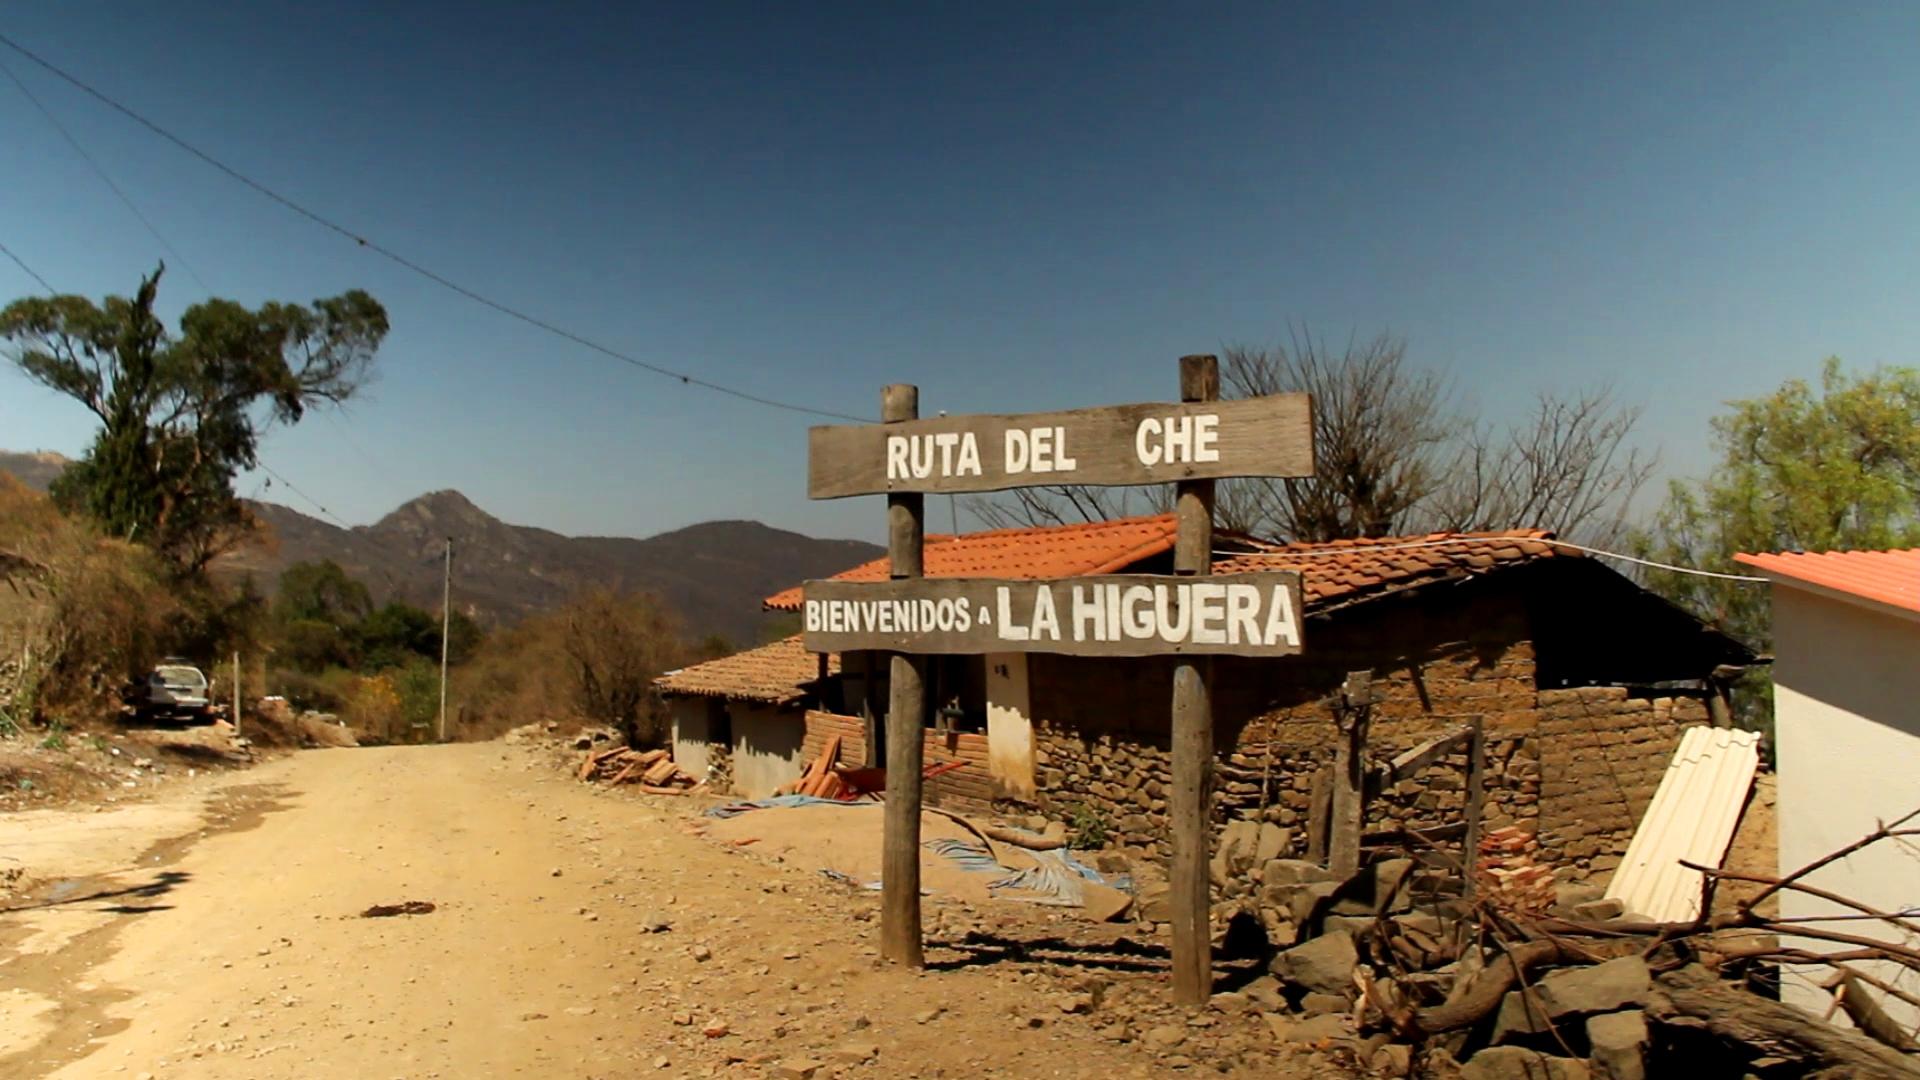 bienvenidos la higuera pablocaminante - Ruta del Che 2/2, La Higuera